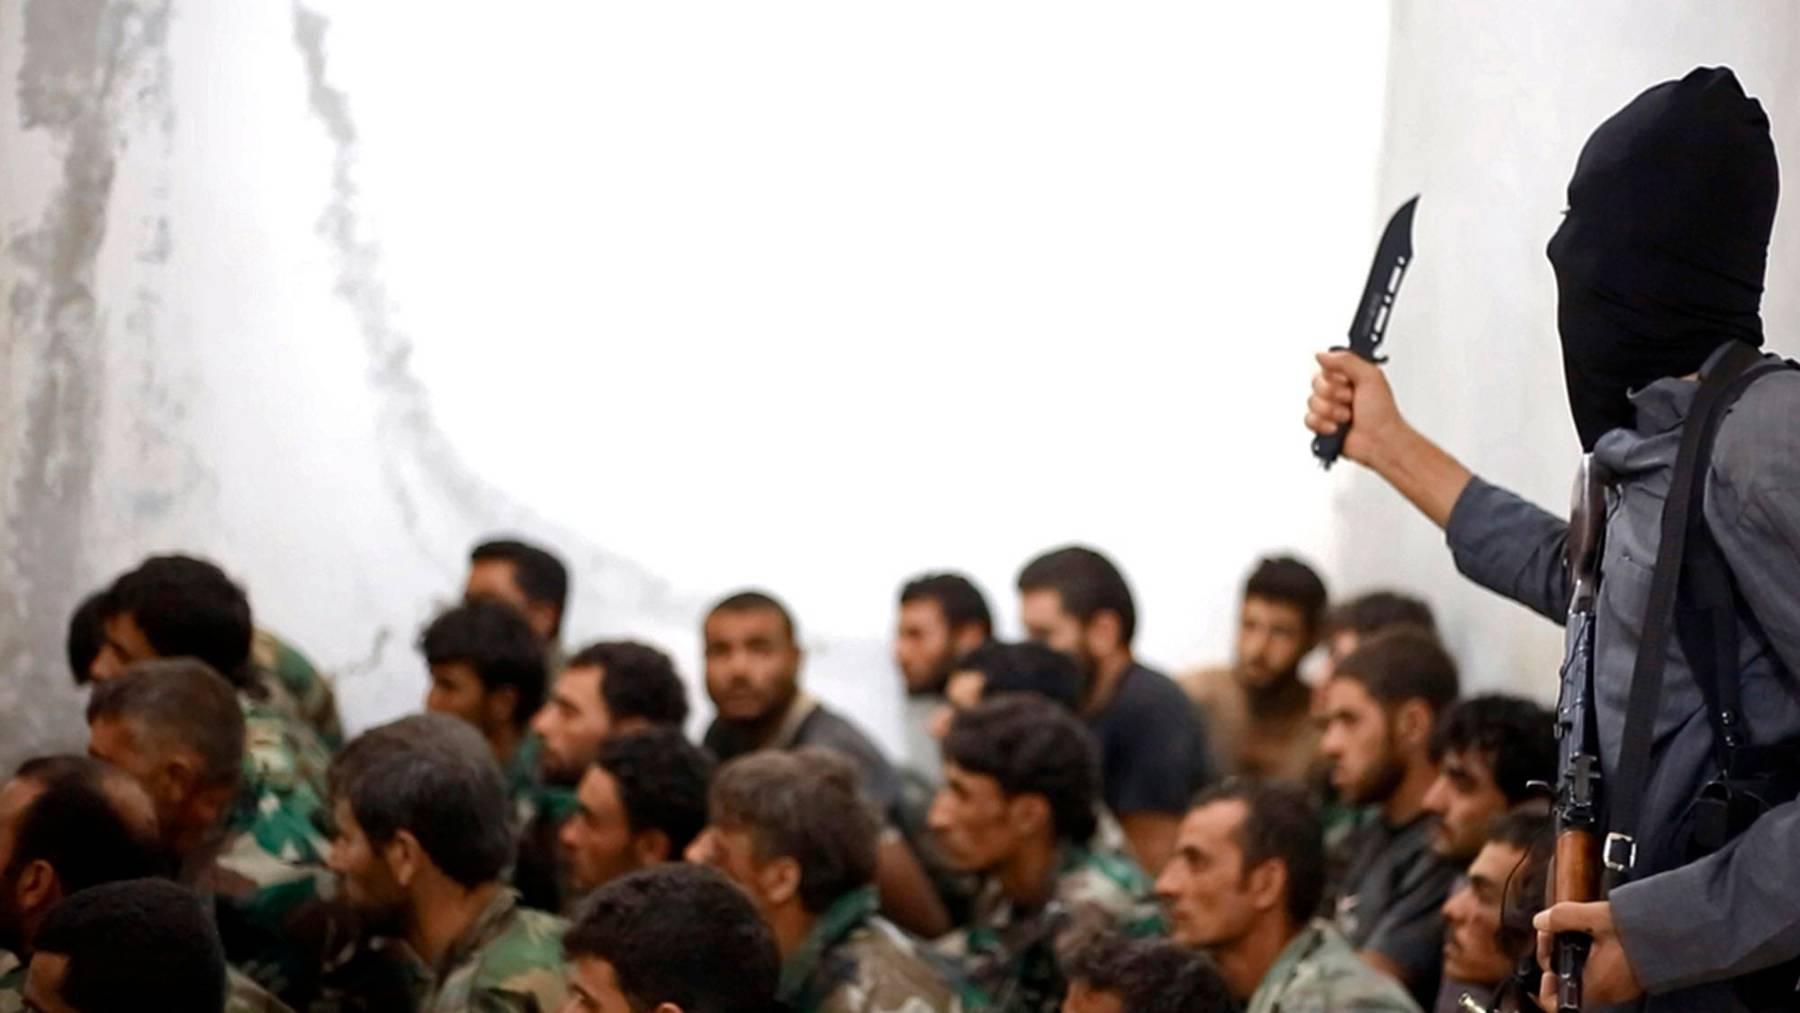 Der Beschuldigte soll Gewaltvideos des IS besessen und für die Terrororganisation gearbeitet haben, so die Anklage.